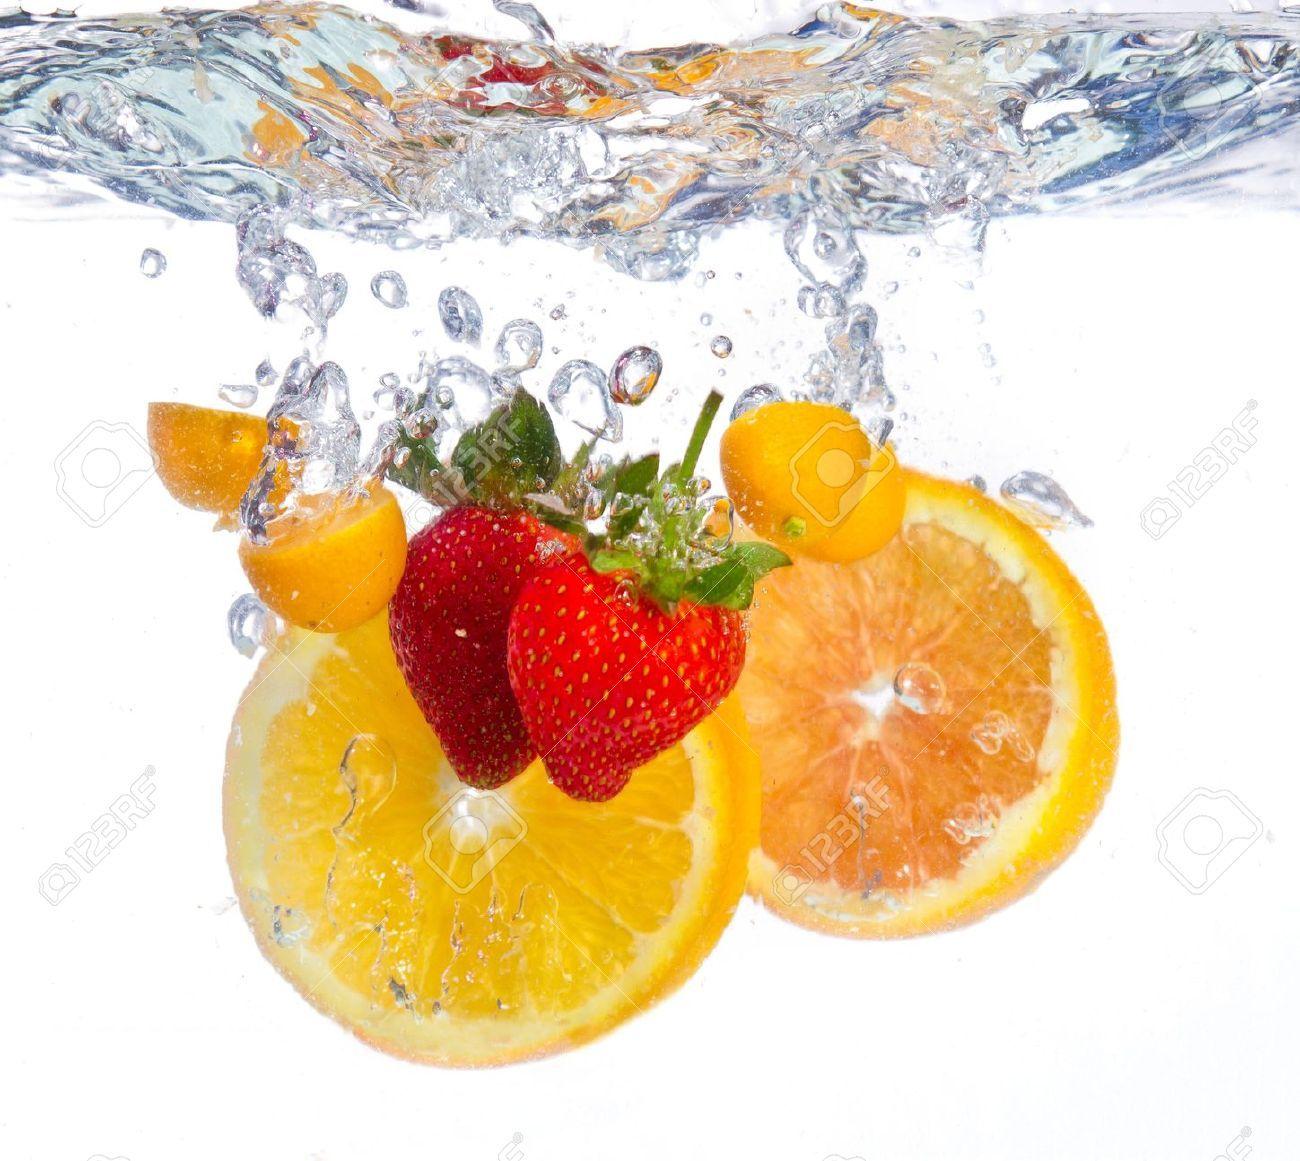 18965303-Frutta-che-cade-nell-acqua-libera-ondulazione-fresco ...